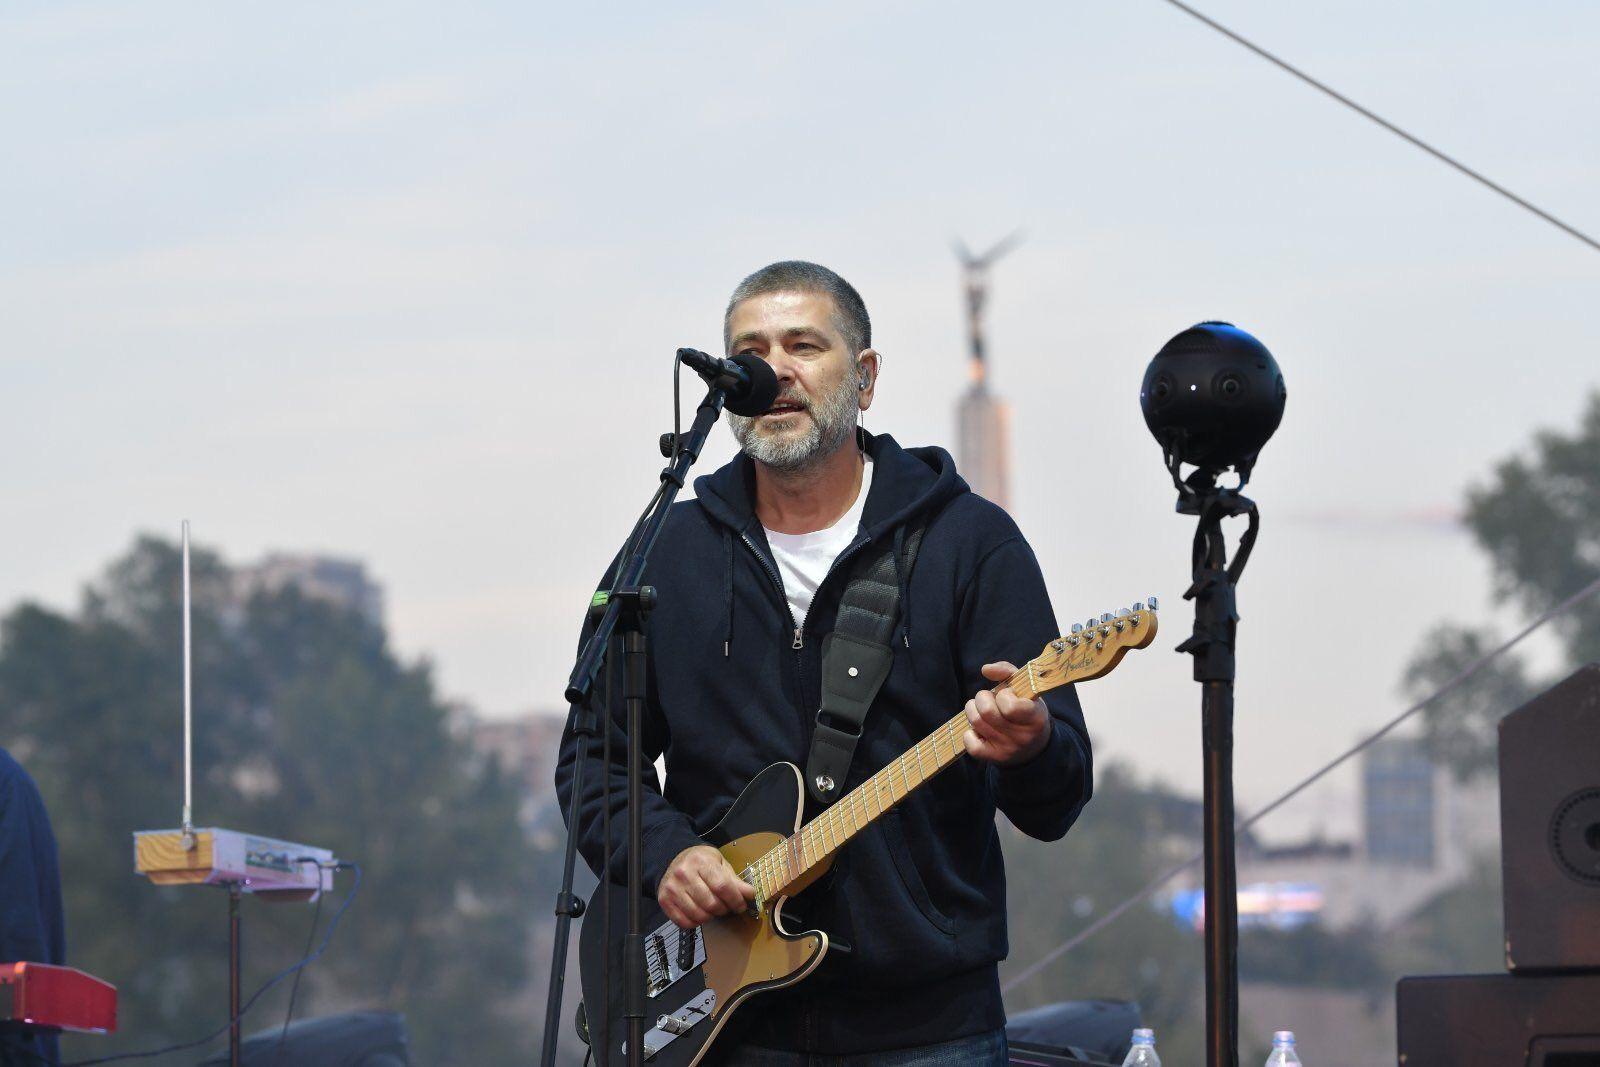 Онлайн-концерт «Рок на Волге» посмотрели более 6 млн человек